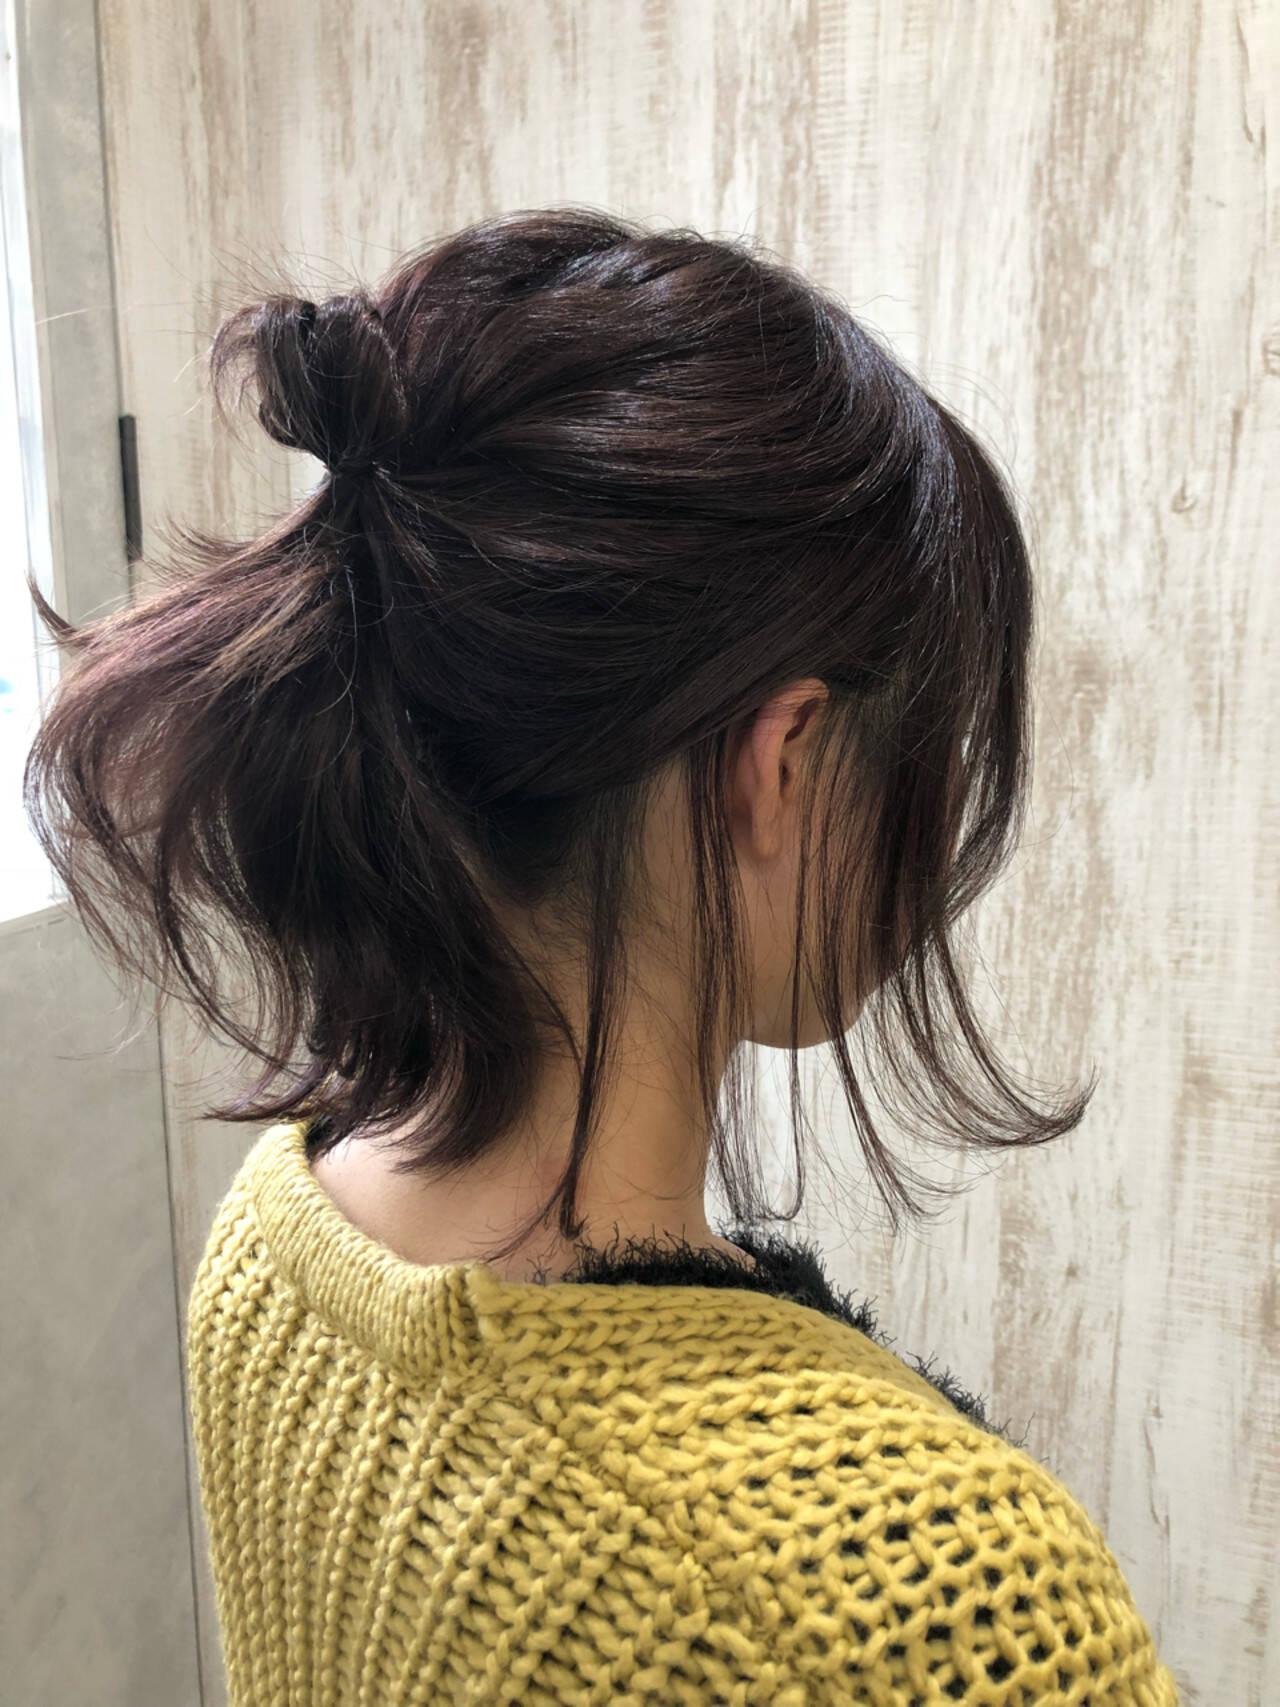 ナチュラル アウトドア ウェーブ 簡単ヘアアレンジヘアスタイルや髪型の写真・画像